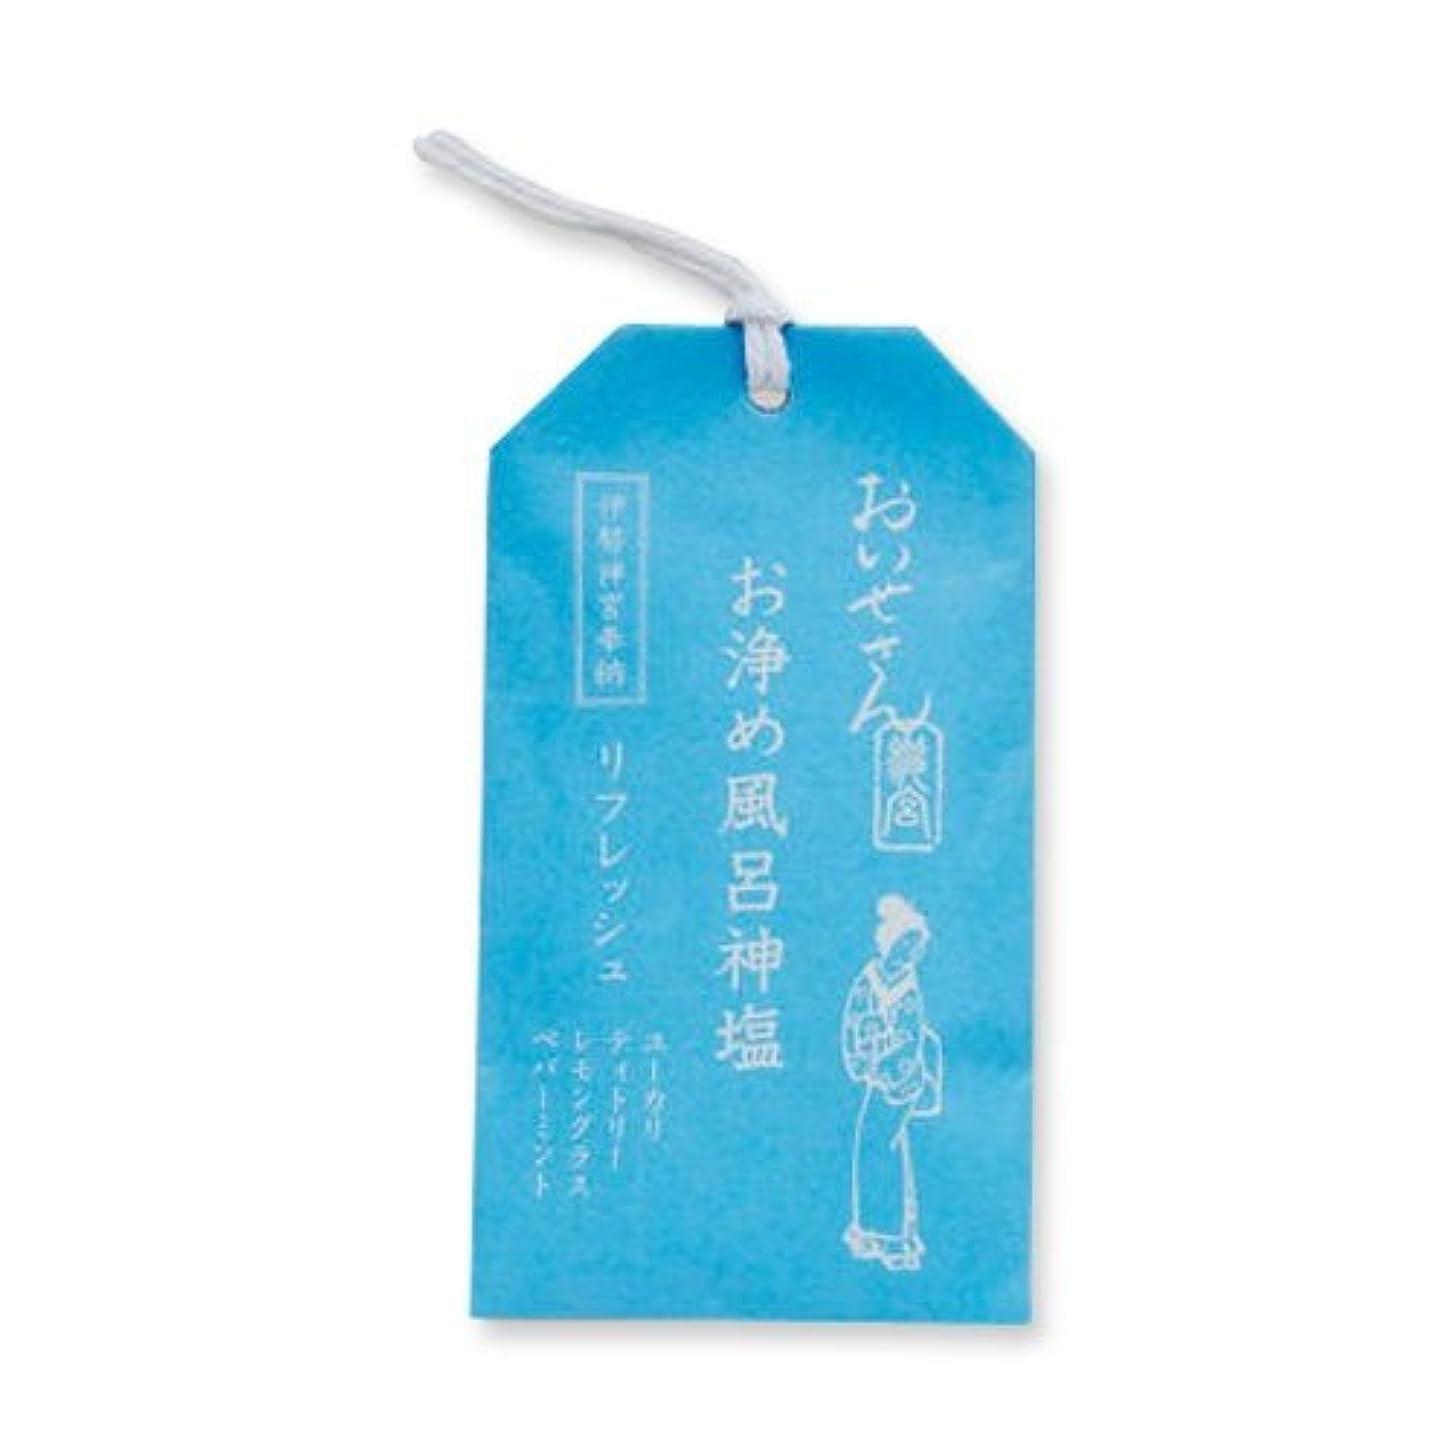 プレゼンイブニングバッグおいせさん お浄め風呂神塩 バス用ソルト(リフレッシュ) 20g